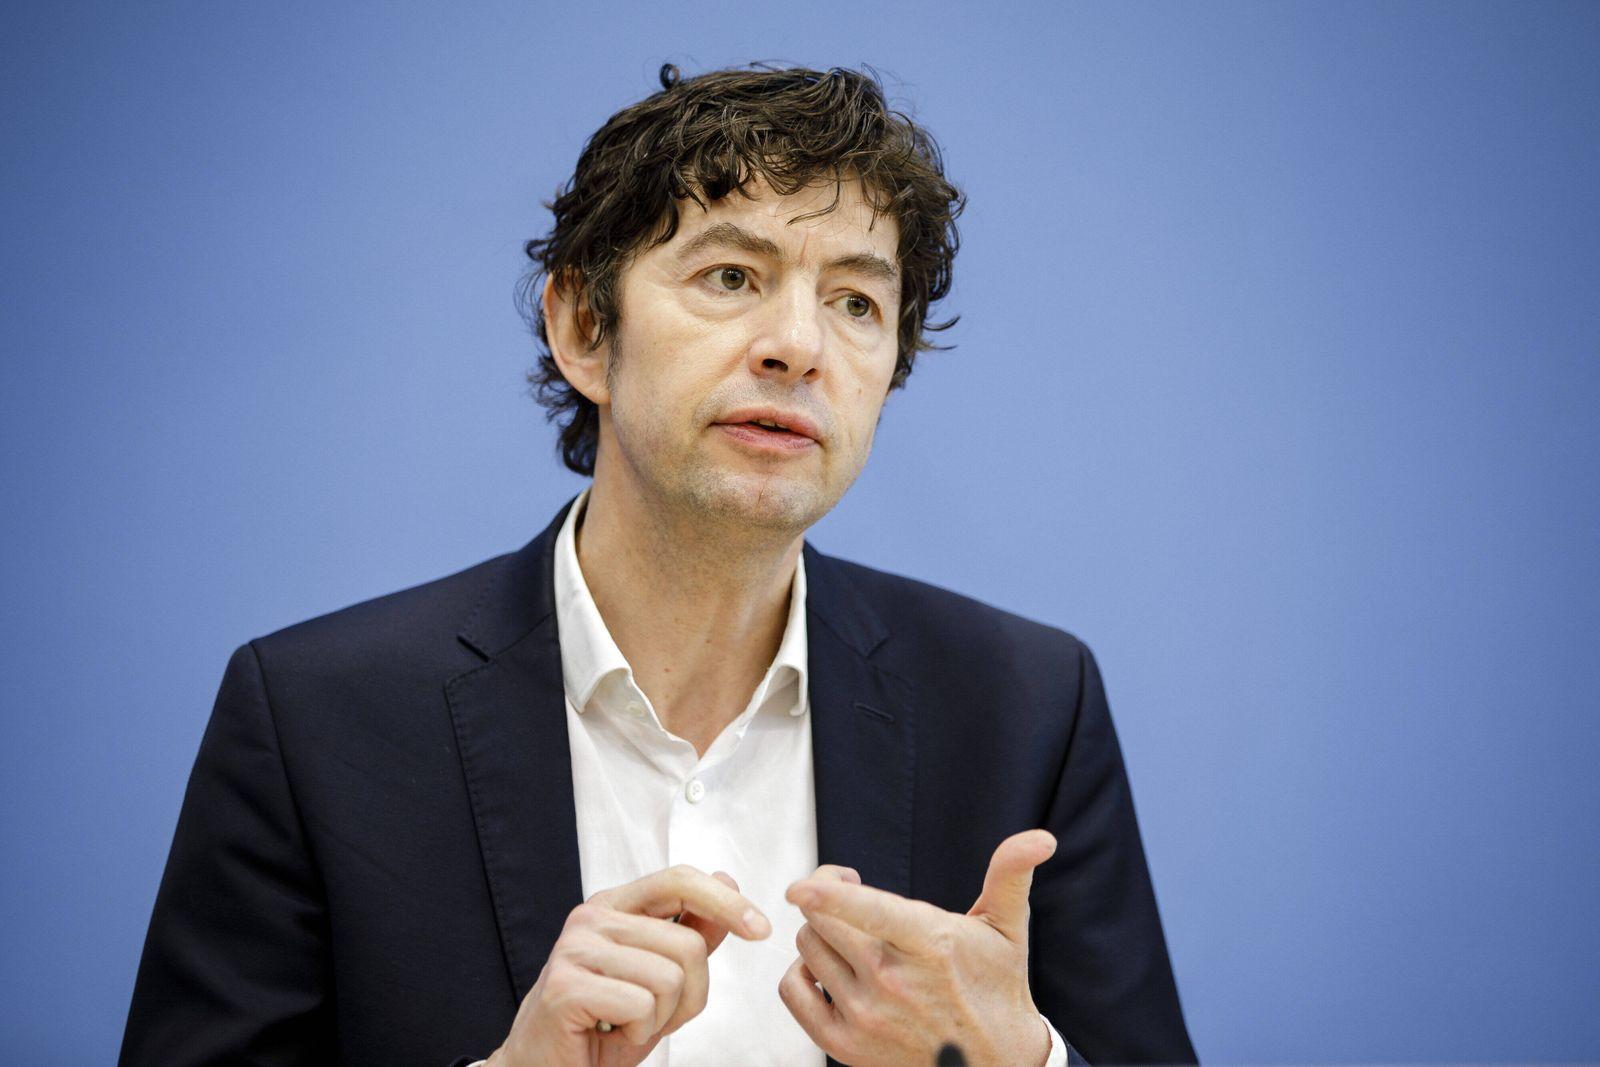 Christian Drosten, Direktor am Institut fuer Virologie der Charite Berlin, aufgenommen im Rahmen einer Presseunterrichtu